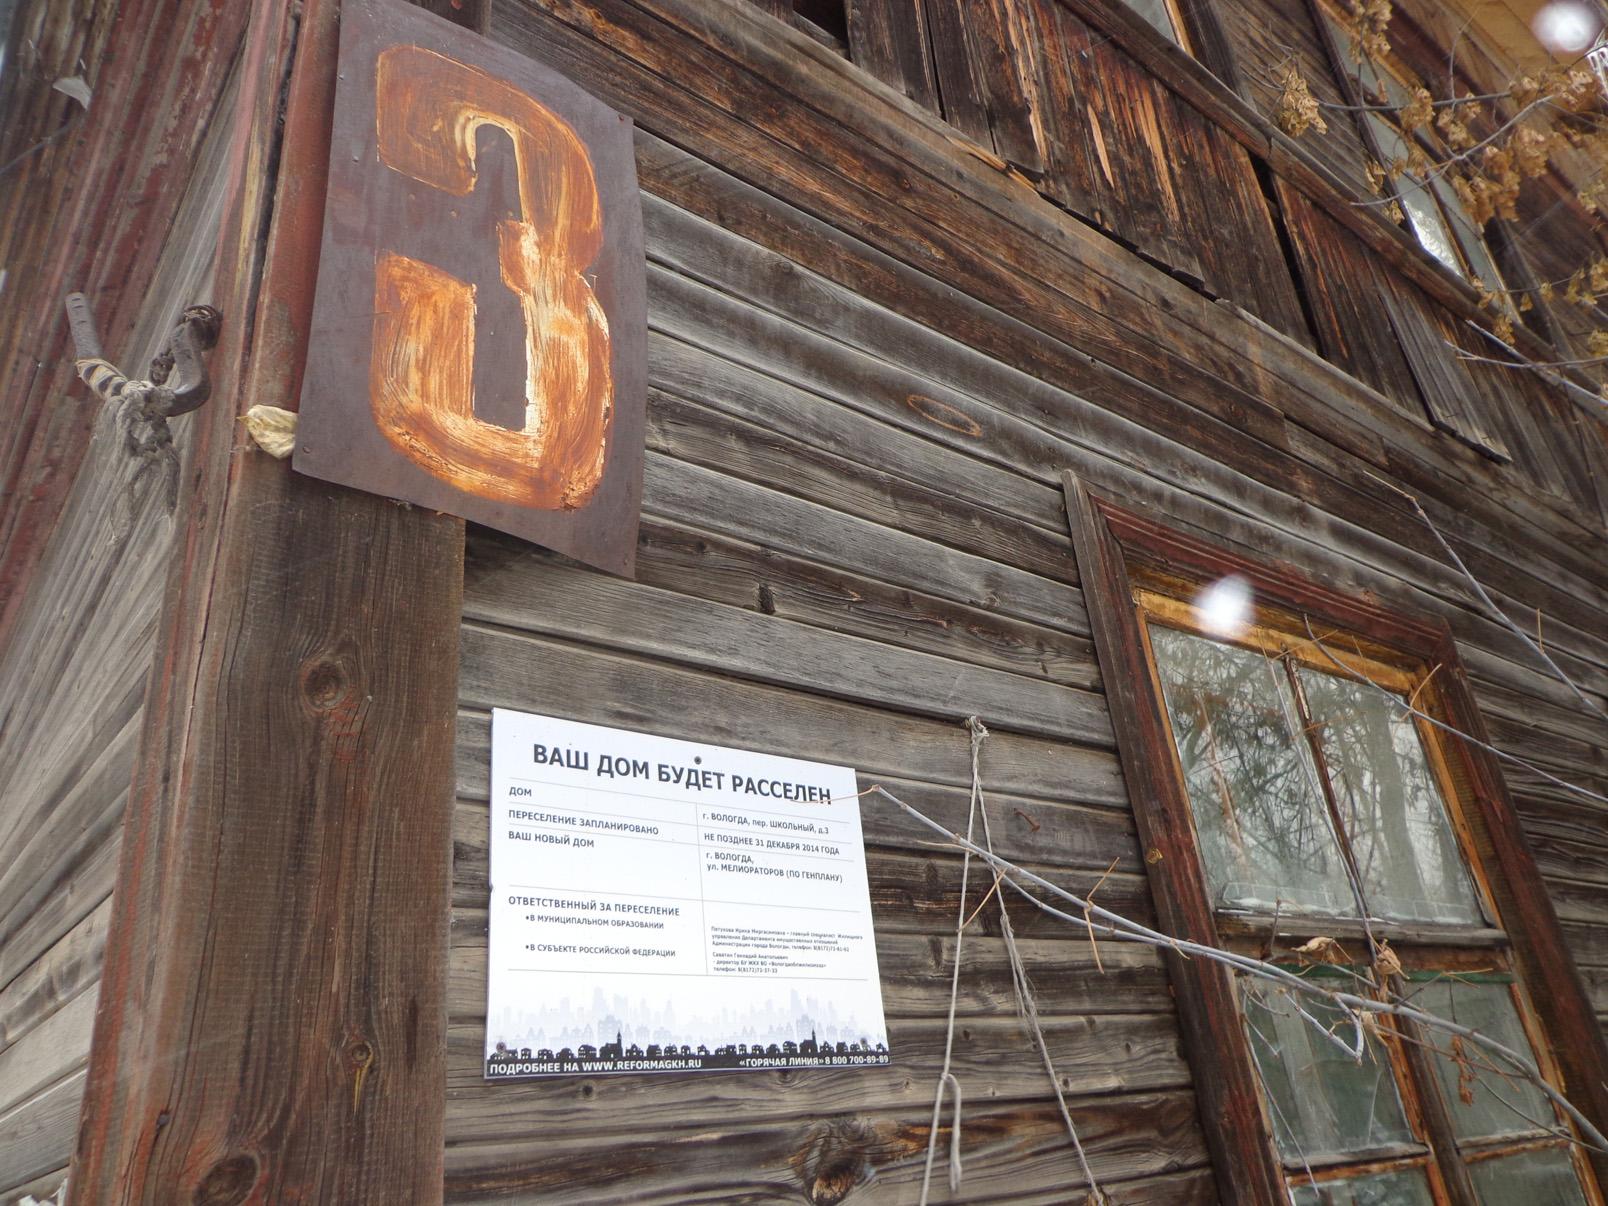 В Вологде у семьи с детьми подожгли дом: его нужно сносить, но переезжать им некуда